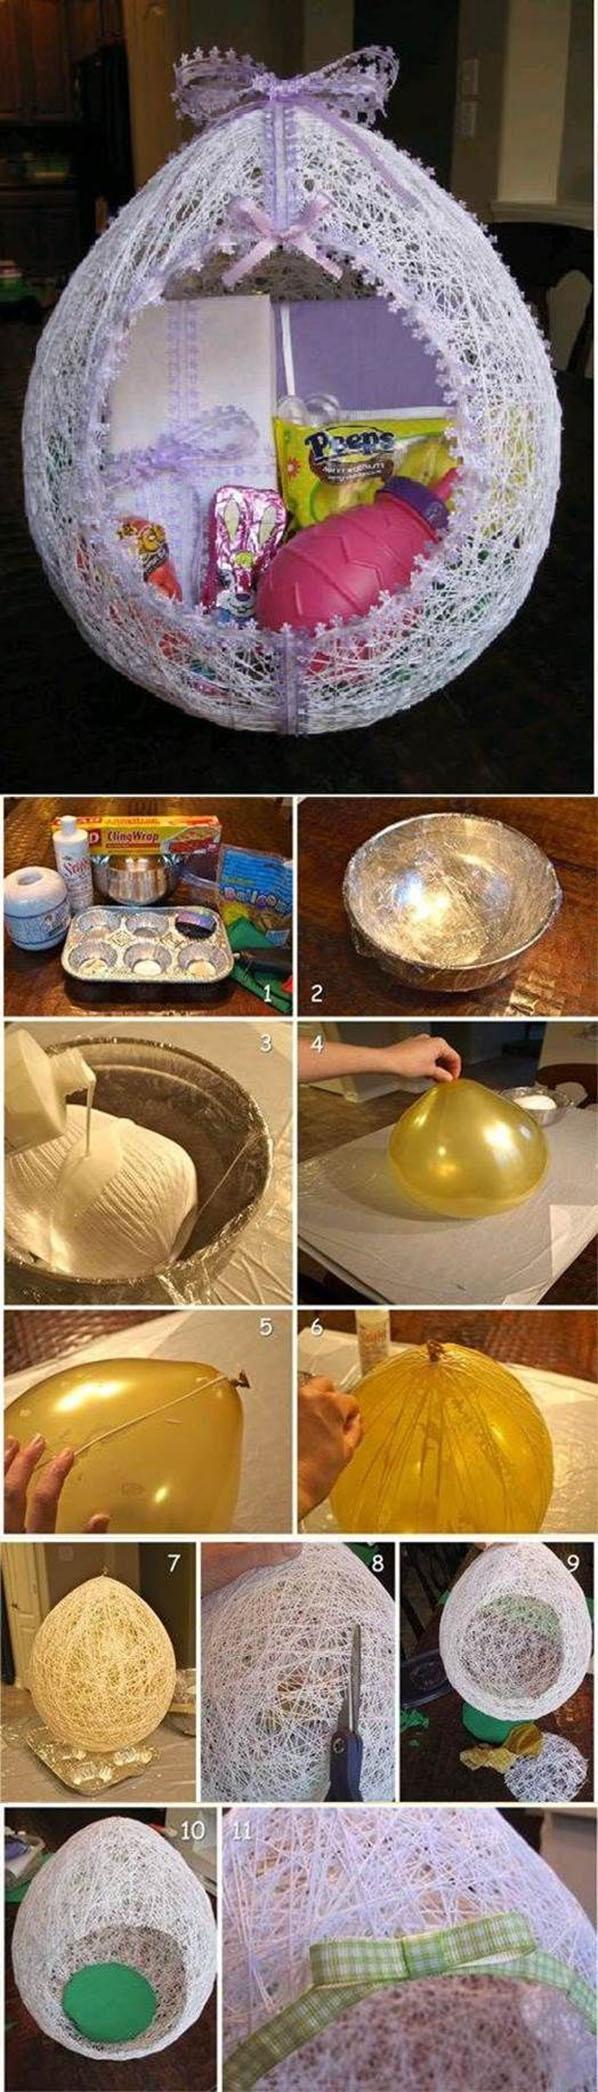 DIY Egg Shaped Easter String Basket22